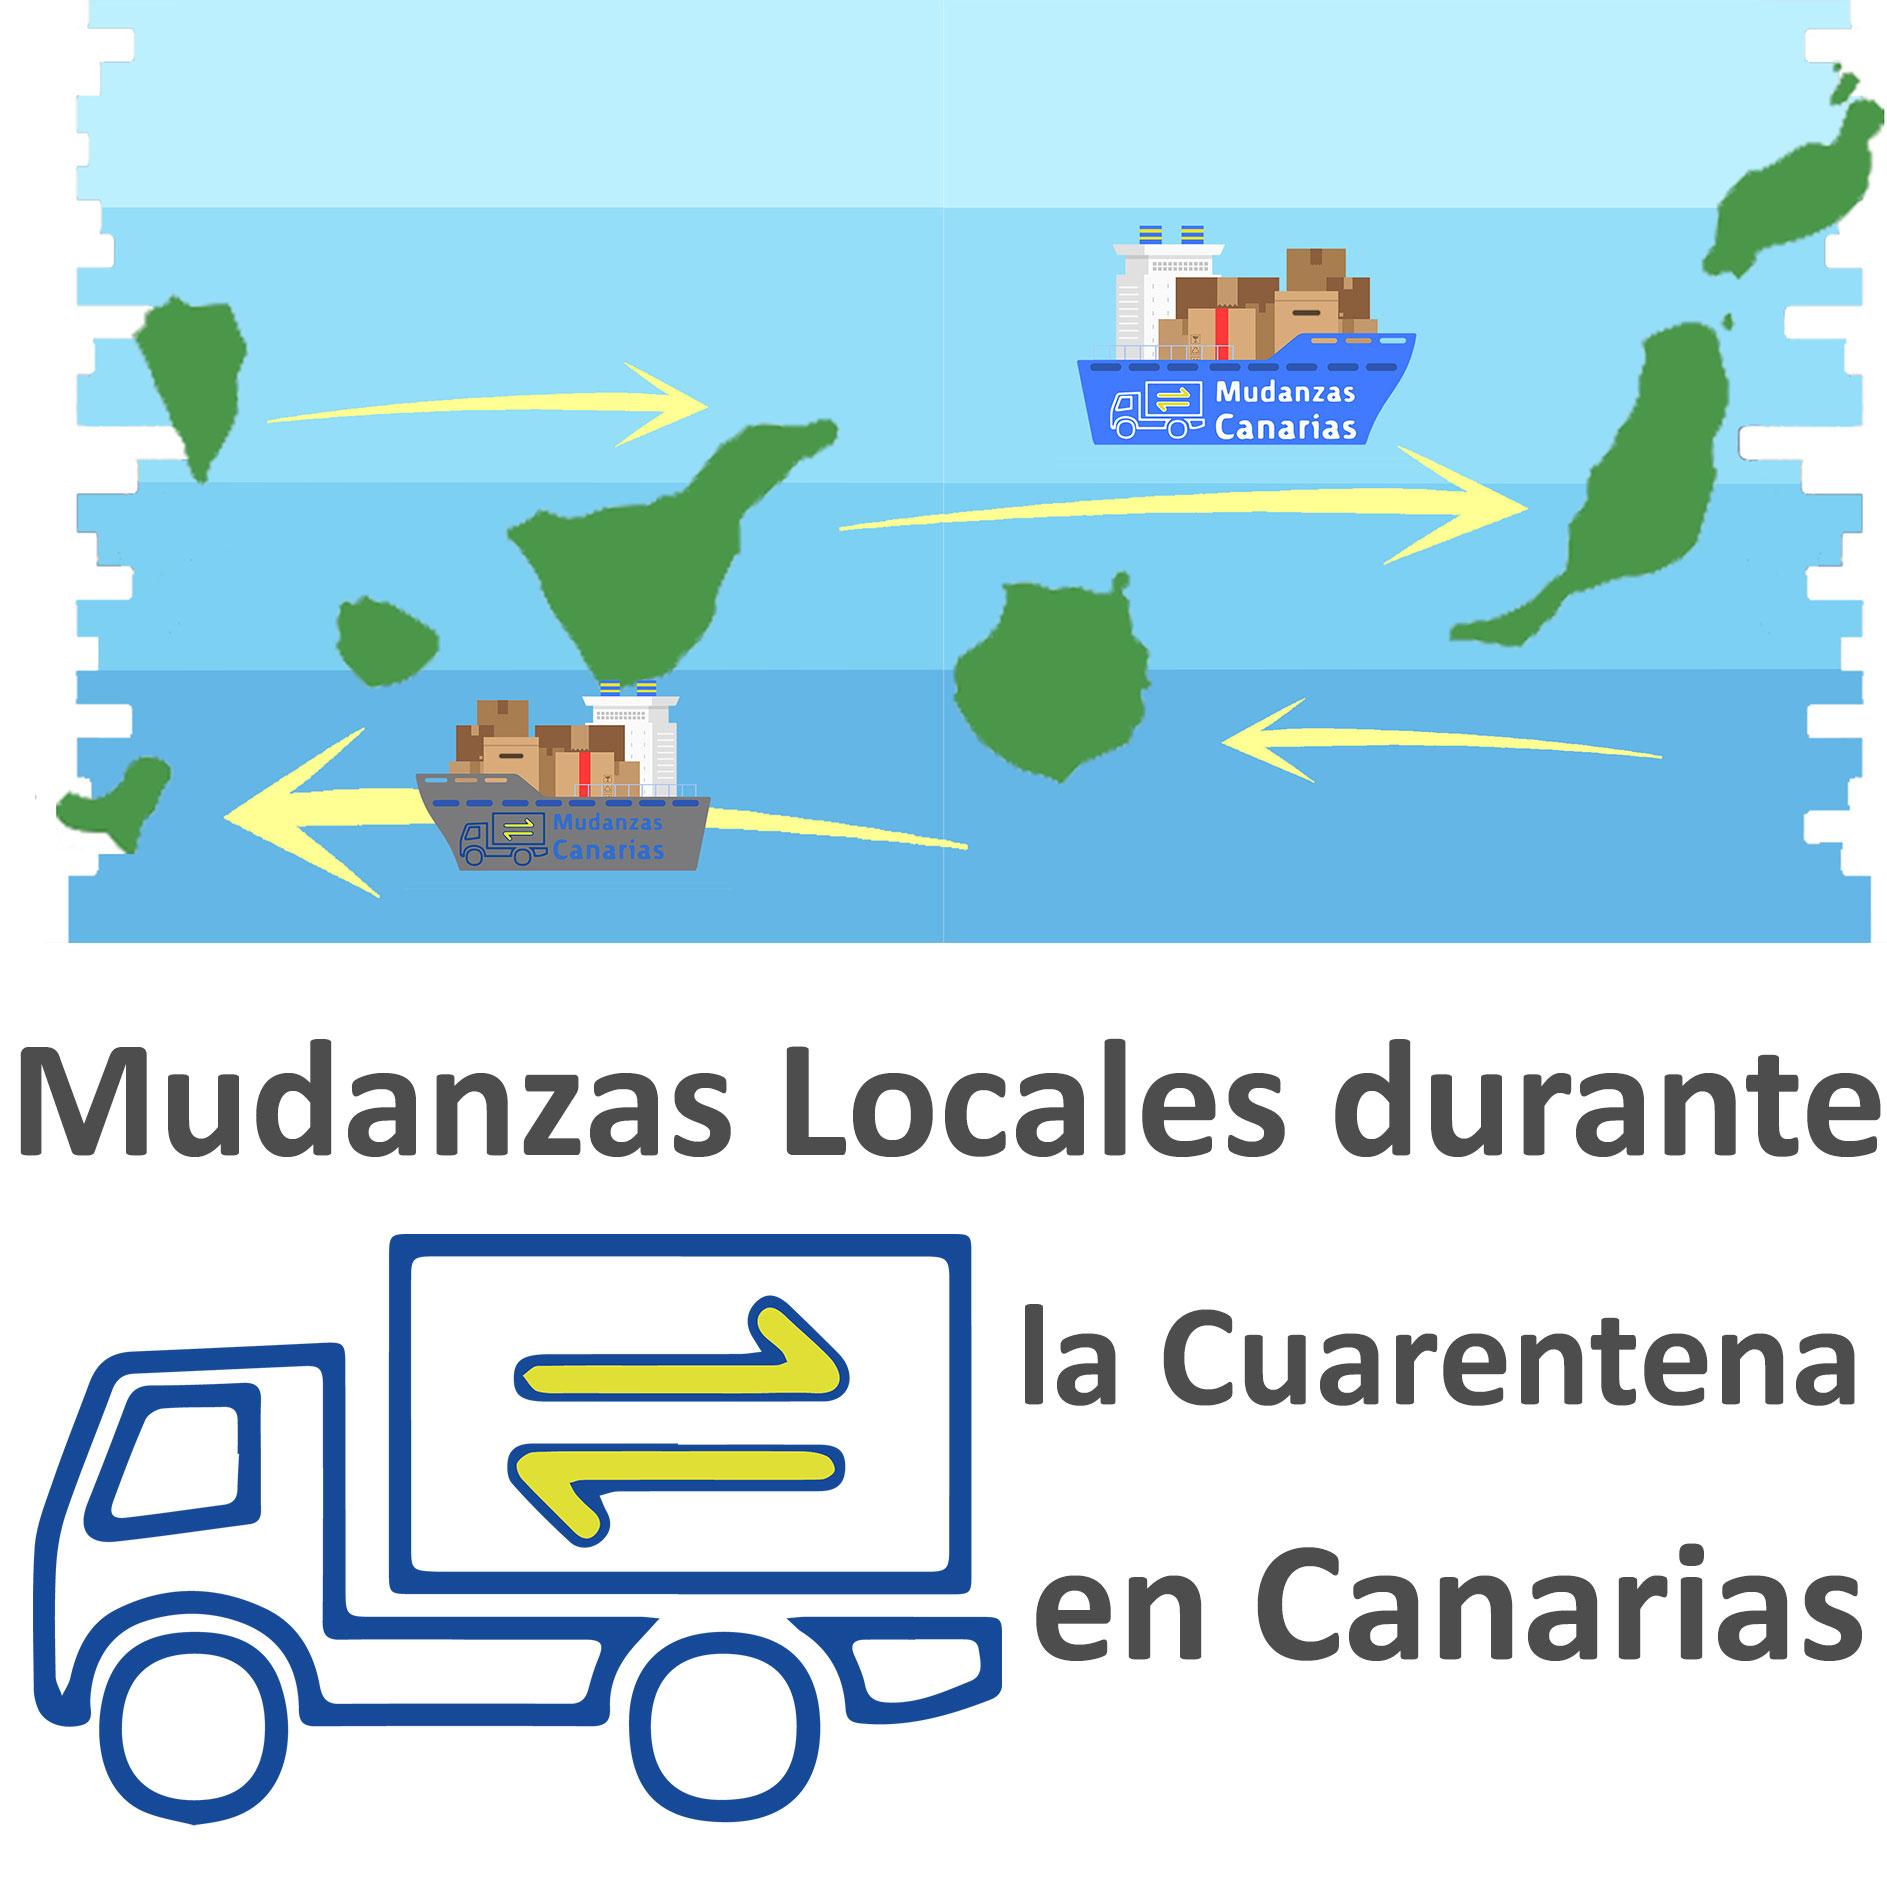 Mudanzas Locales durante la cuarentena en Canarias